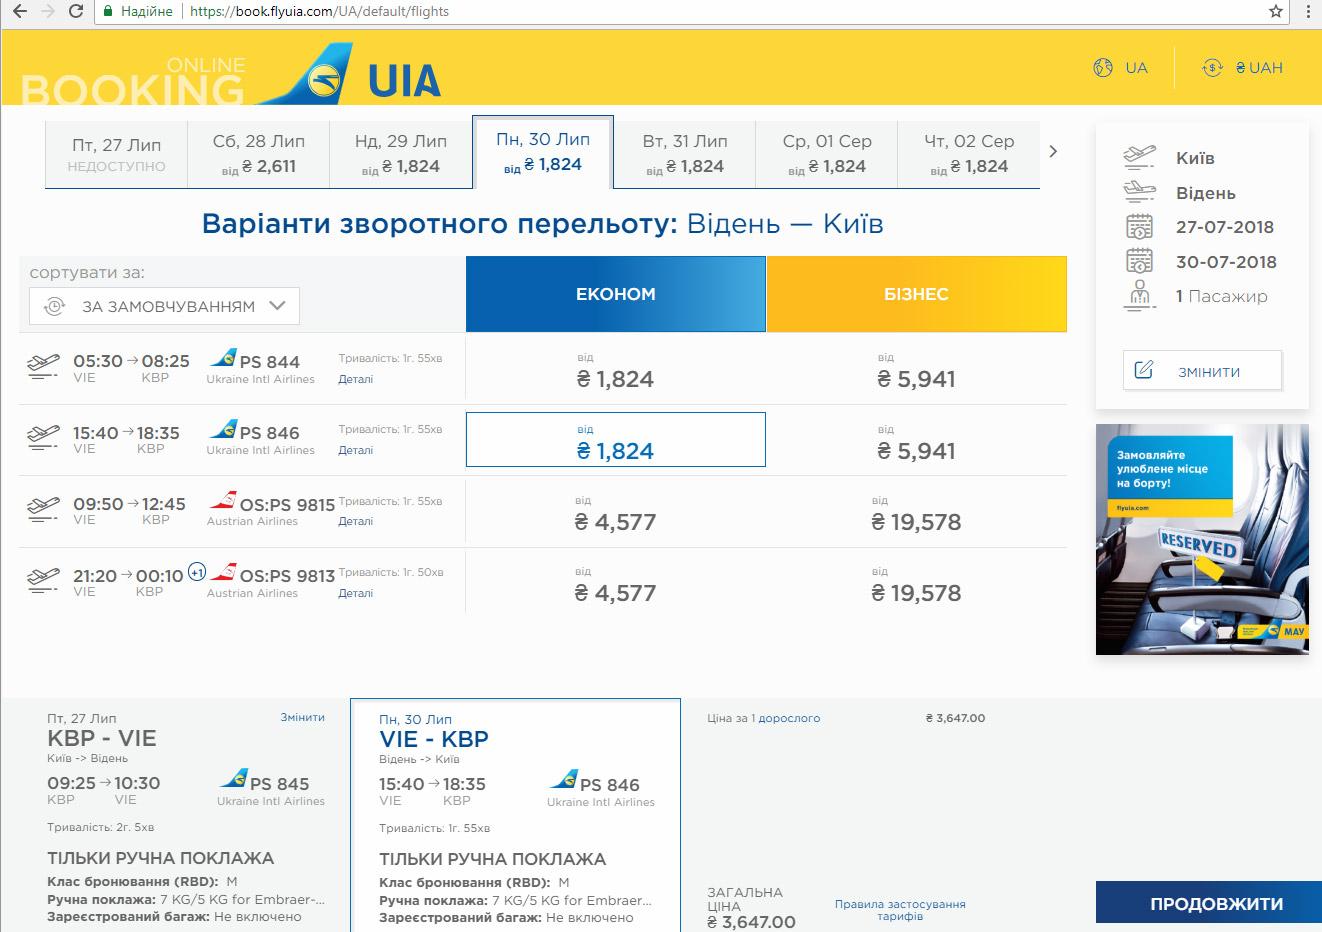 Примеры акционных цен на рейсы МАУ Киев-Вена